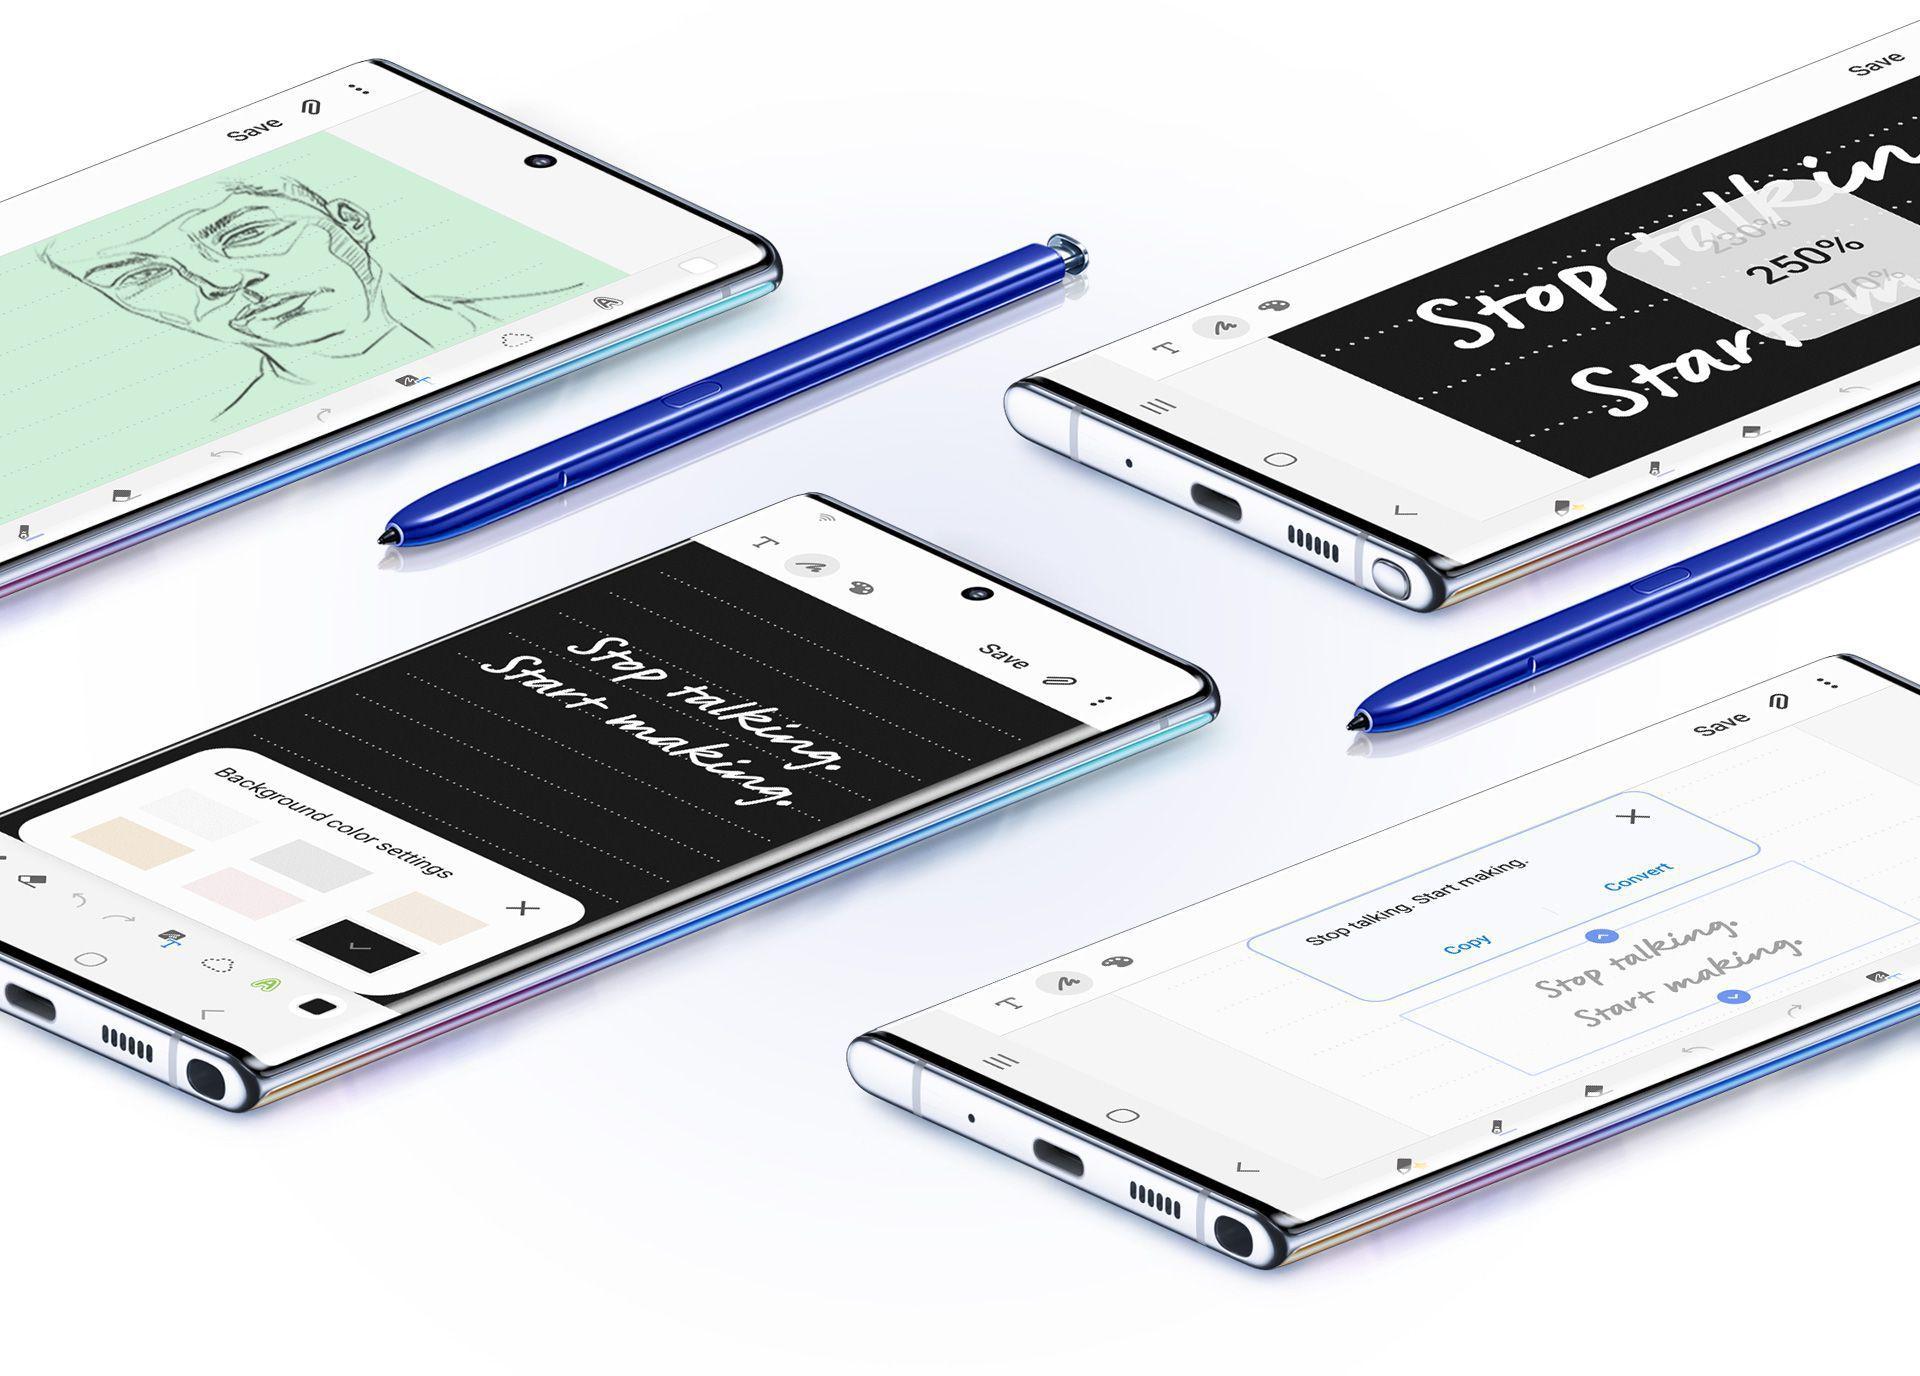 https://media.flixcar.com/f360cdn/Samsung-4311844101-pt_14.jpg